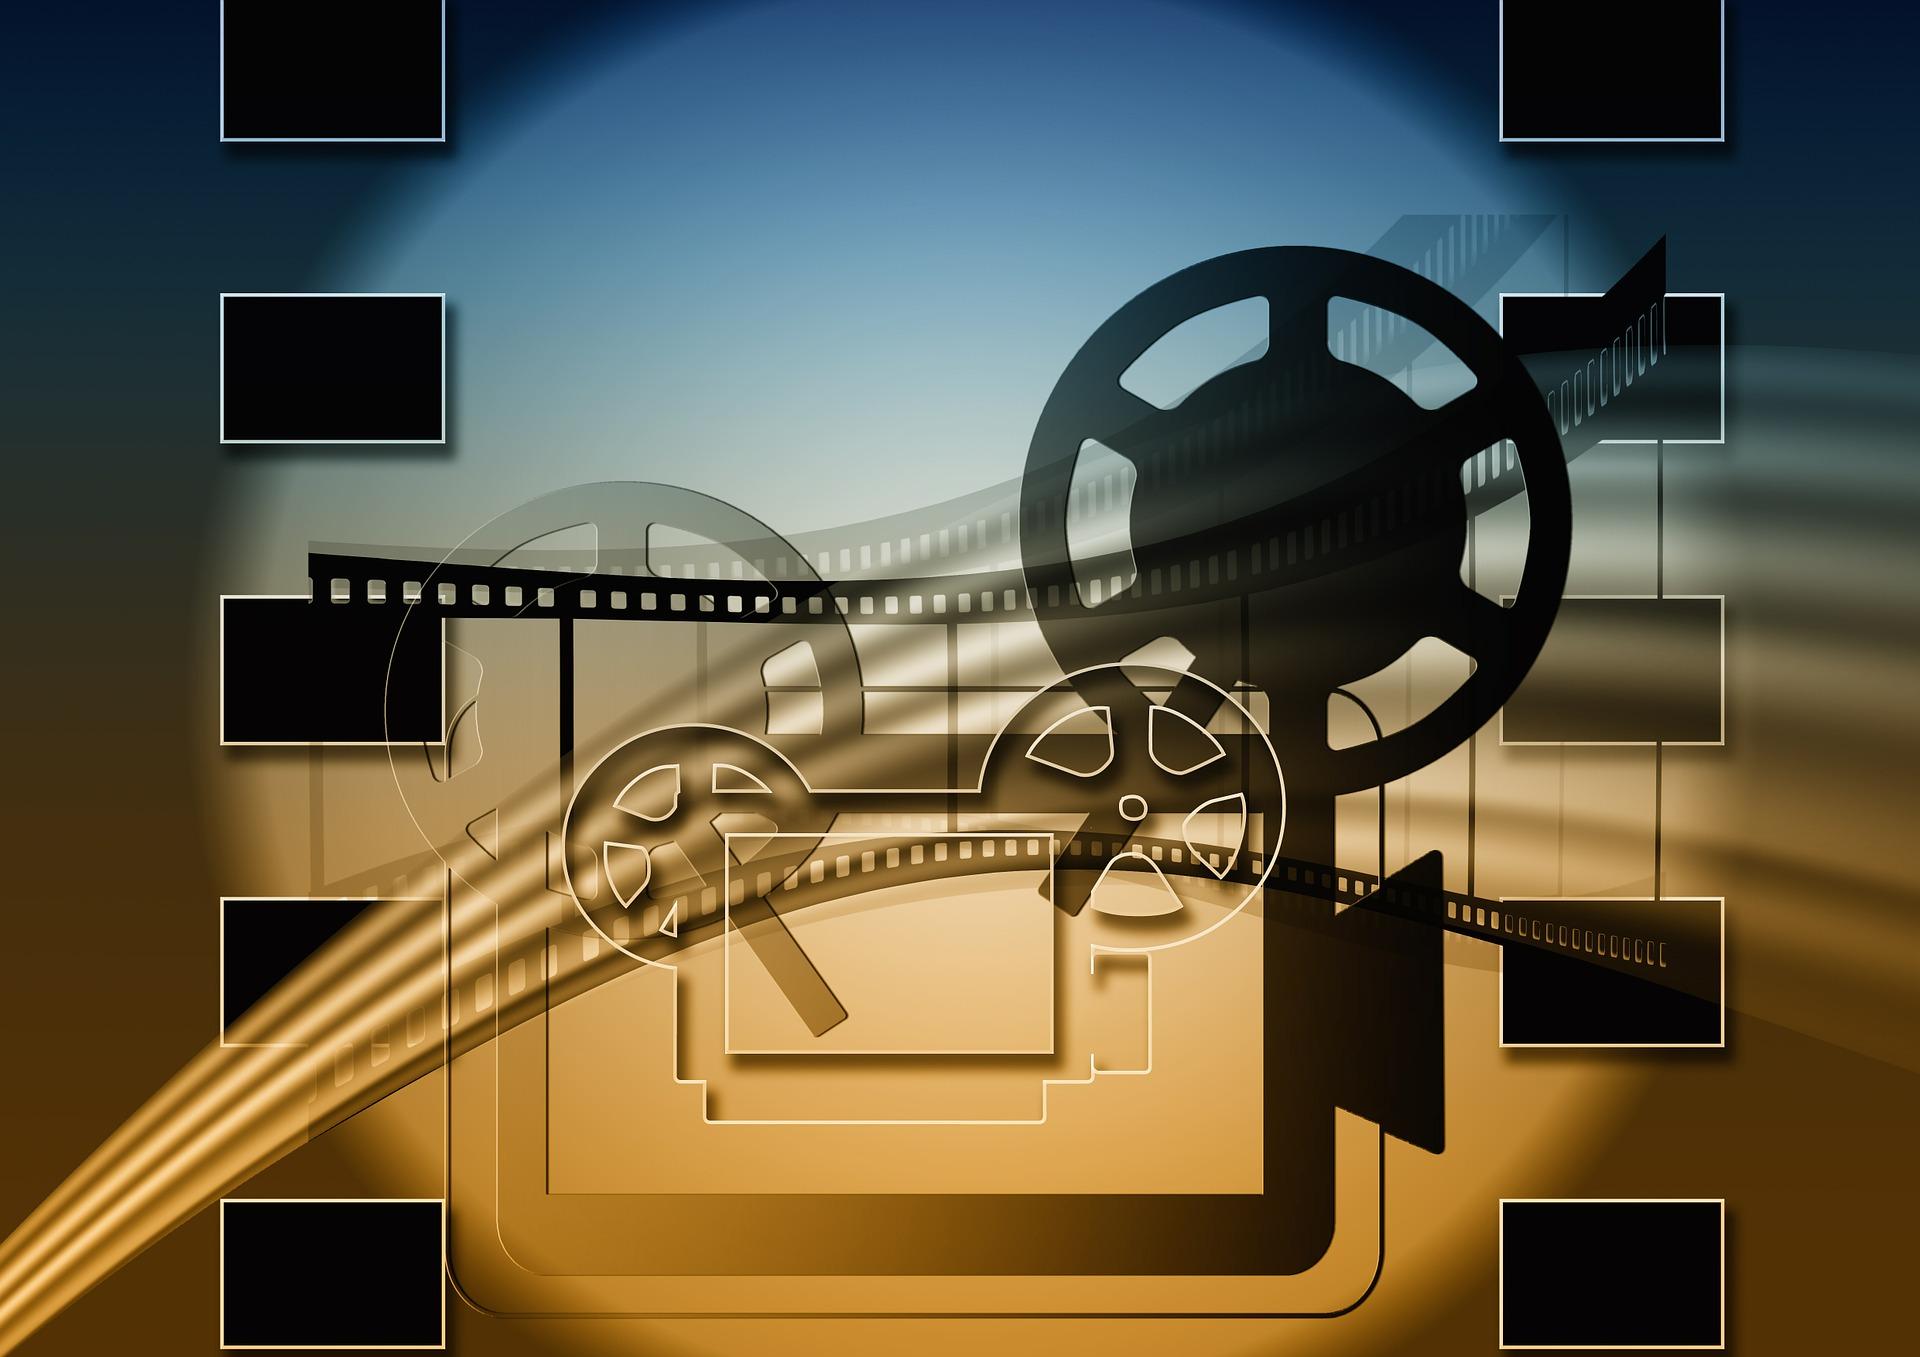 【無料映画】『ルビー・スパークス』のフル動画無料視聴方法(字幕/吹替)!あらすじ&感想評価は?